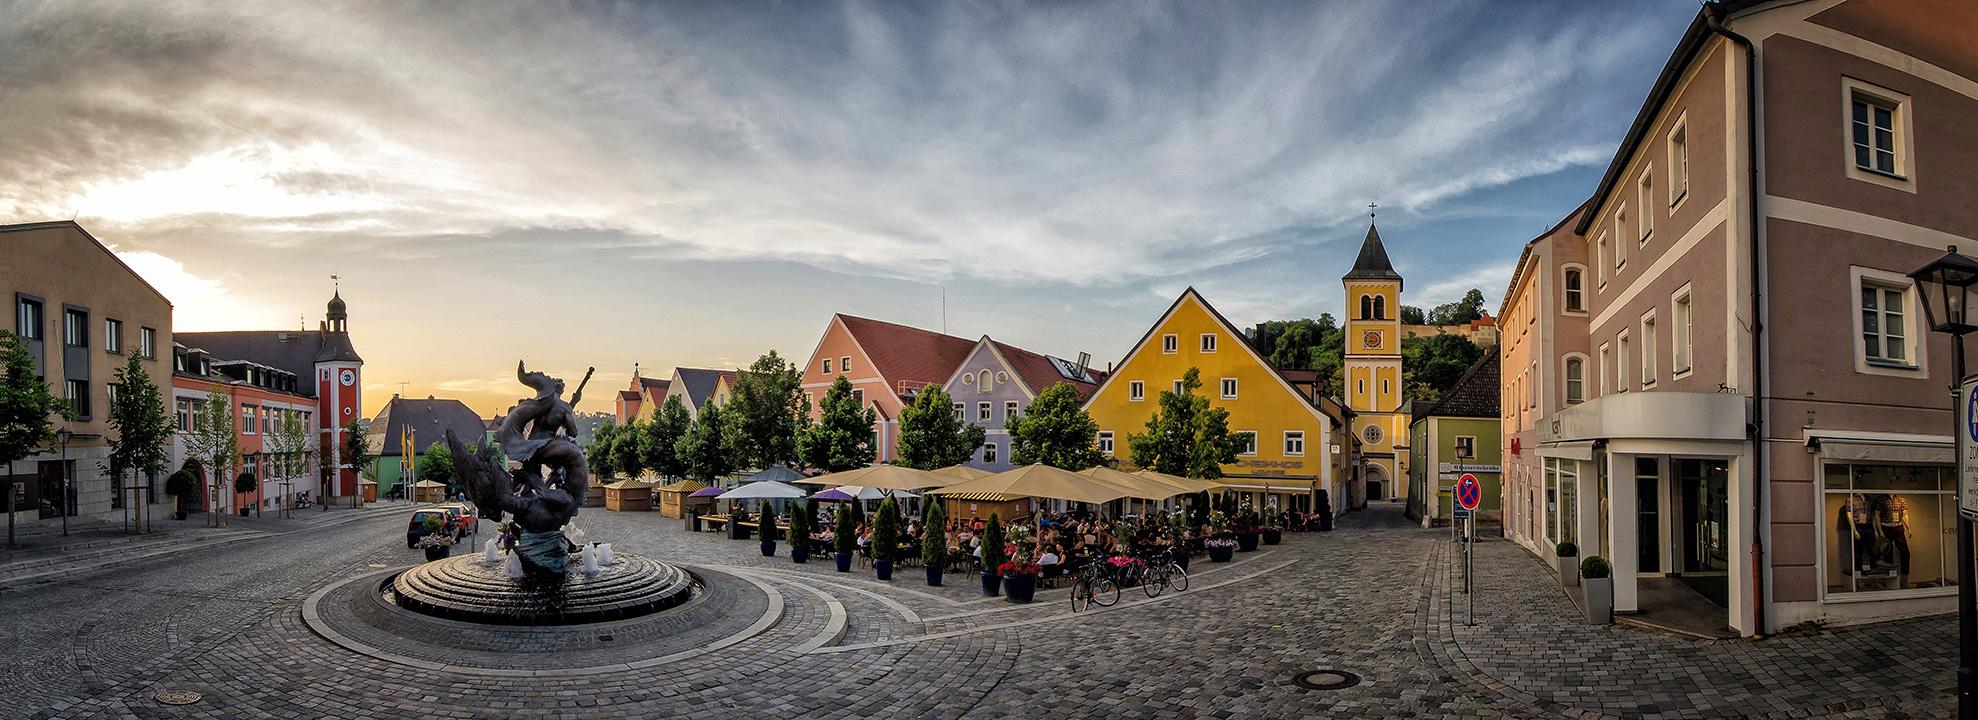 Marktplatz Burglengenfeld by StefanEffenhauser